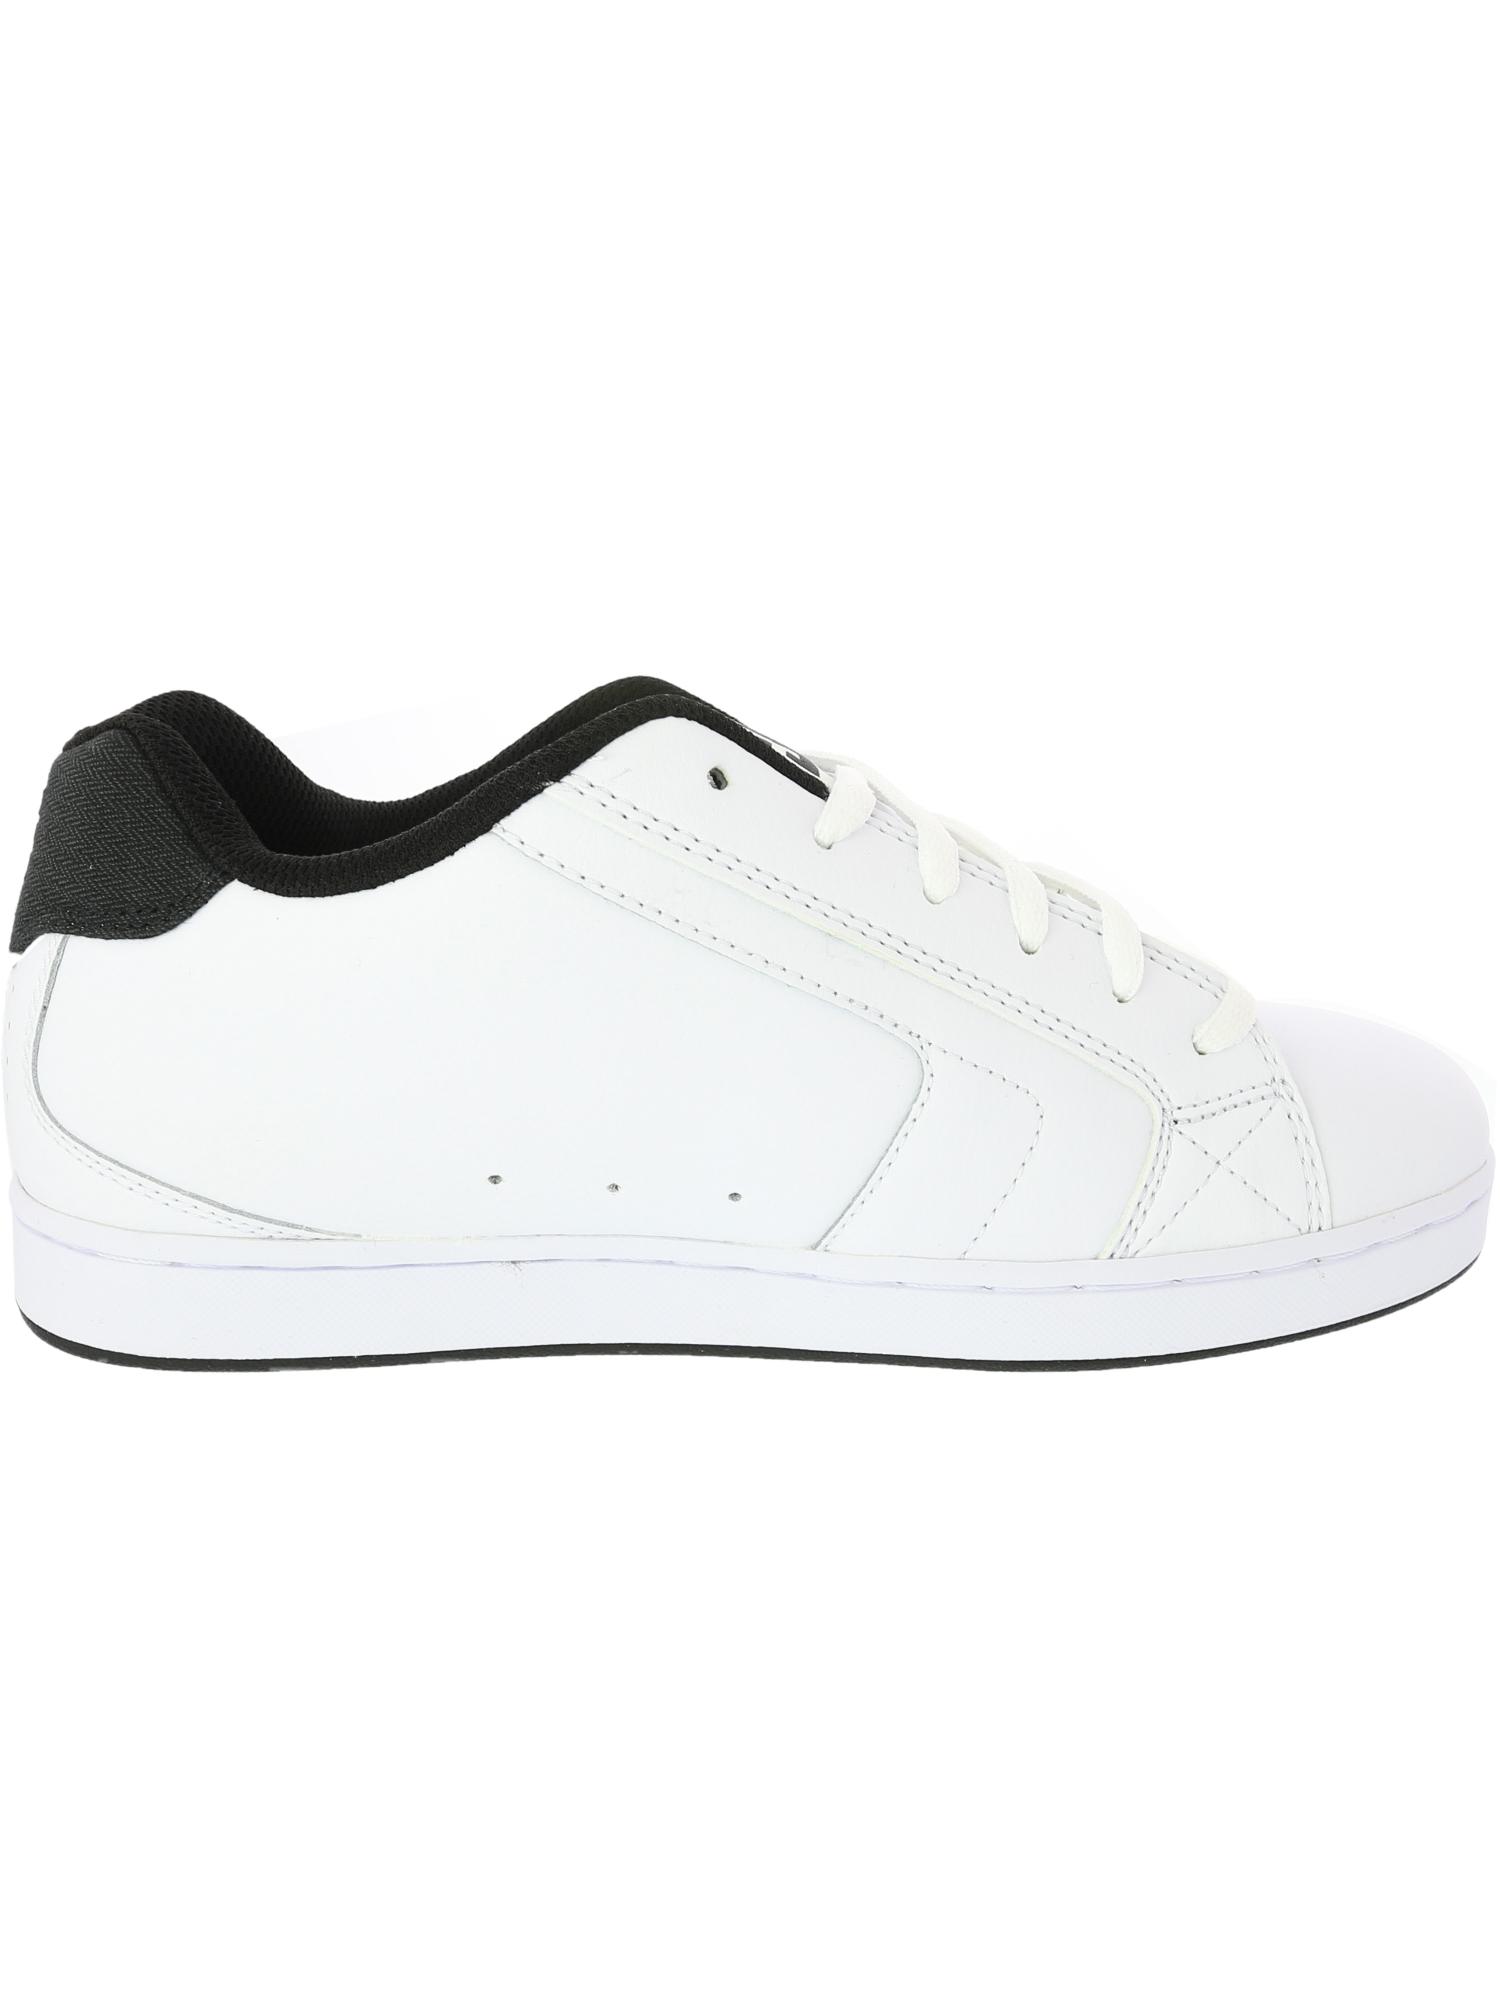 Dc Net Se Low Top Leather Skateboarding Shoe